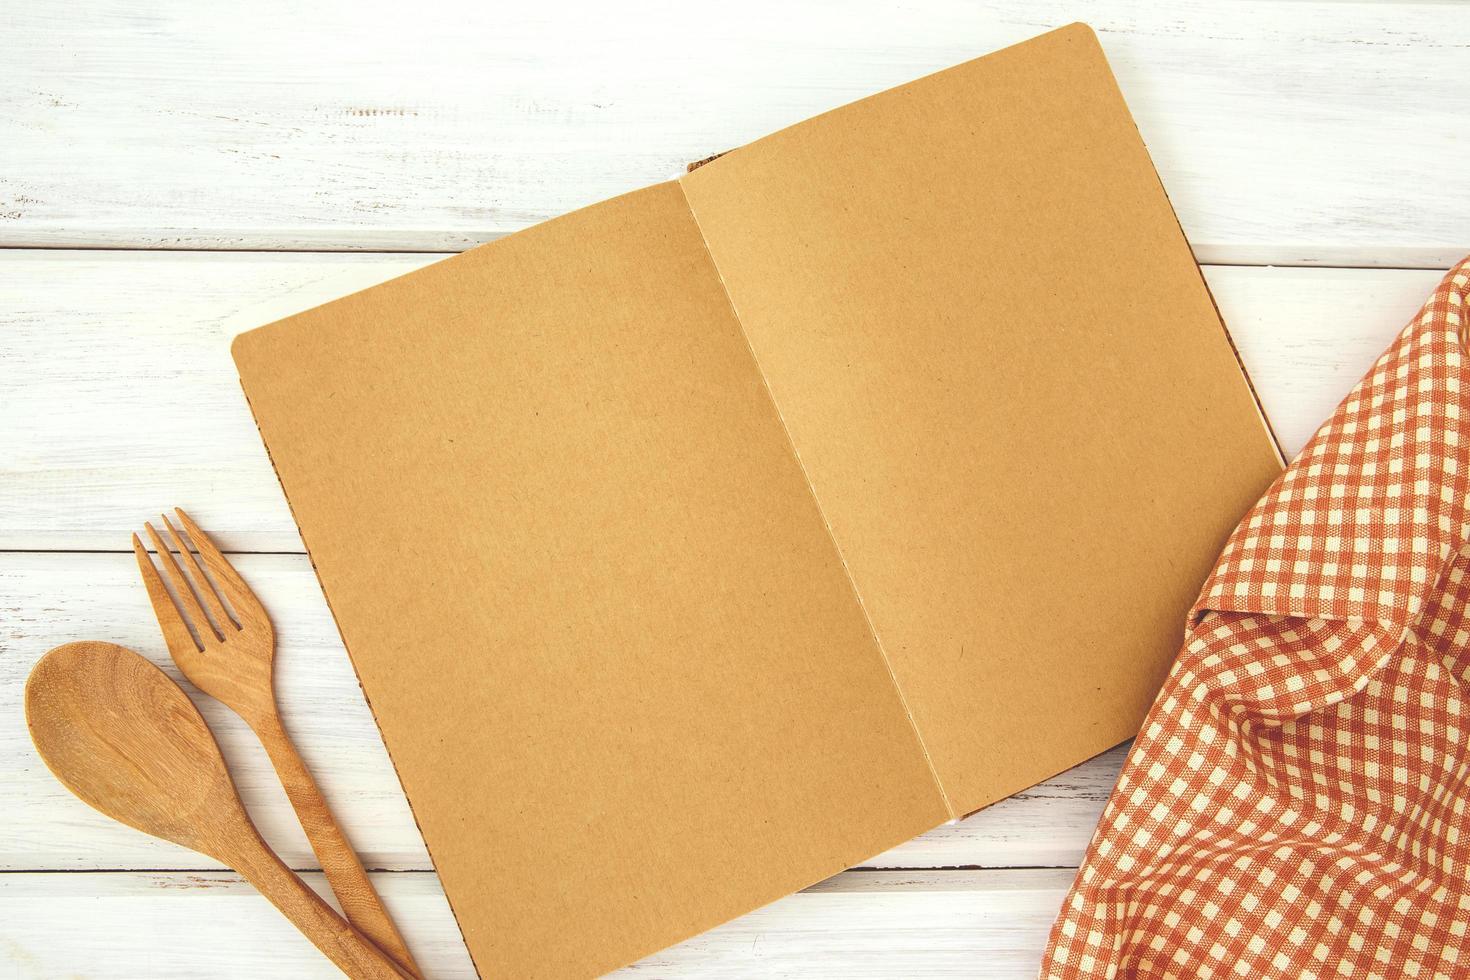 maquete de livro de receitas na mesa de madeira branca foto